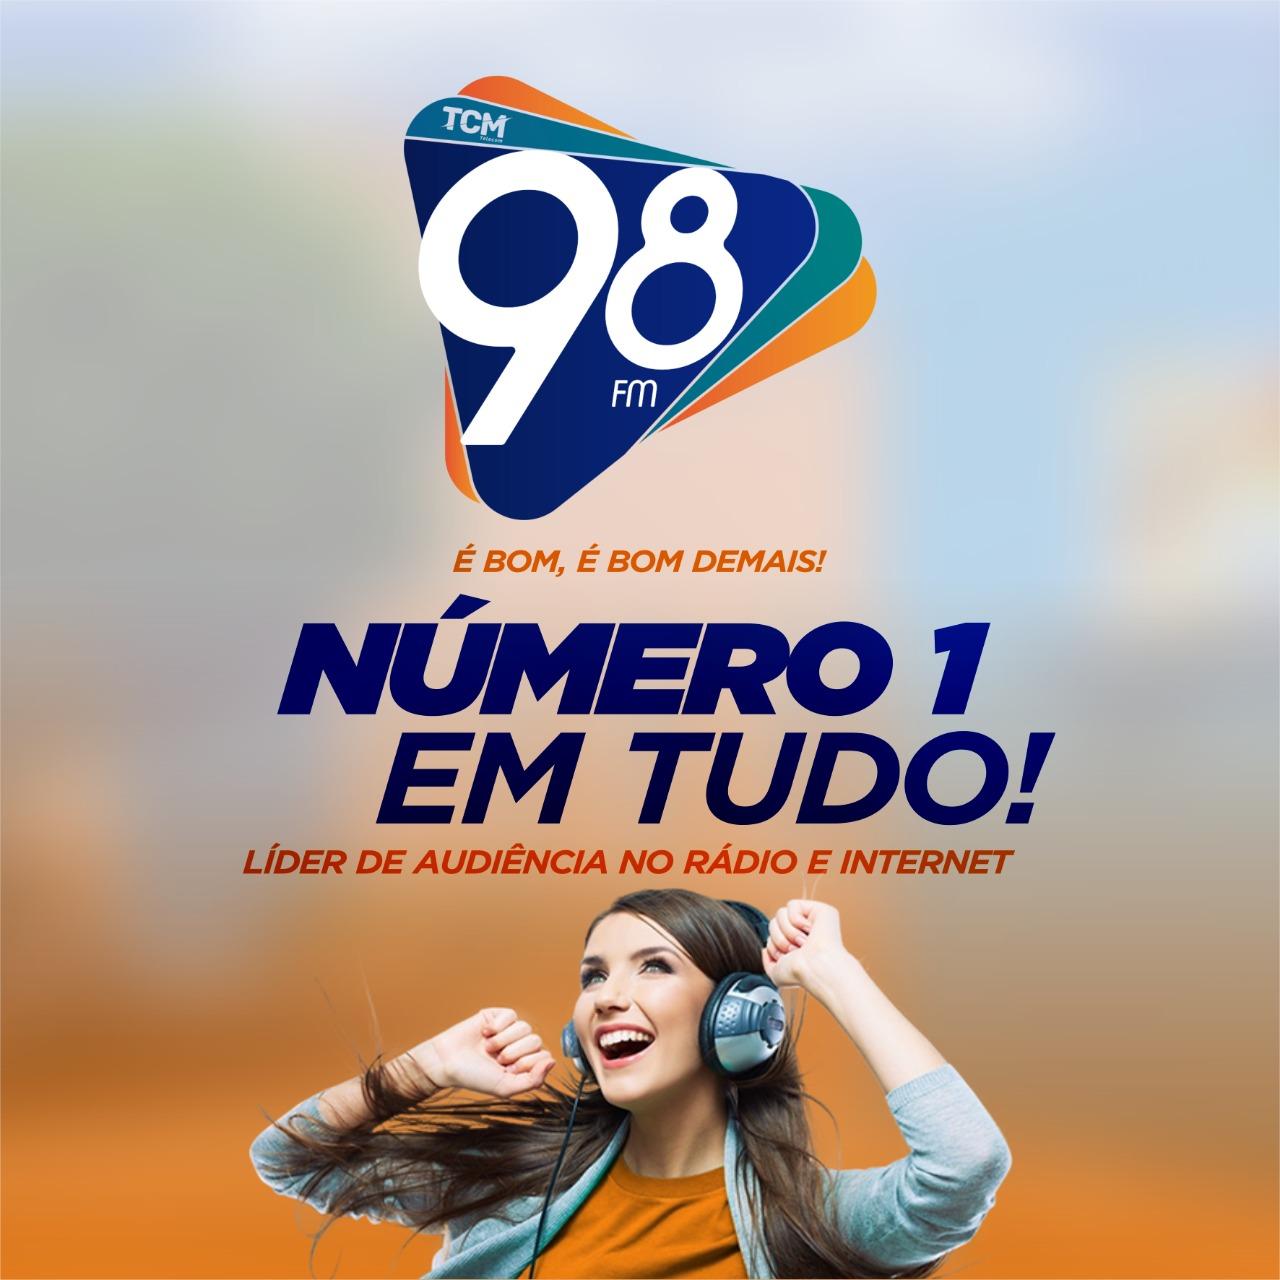 98 FM é bom, é bom demais!